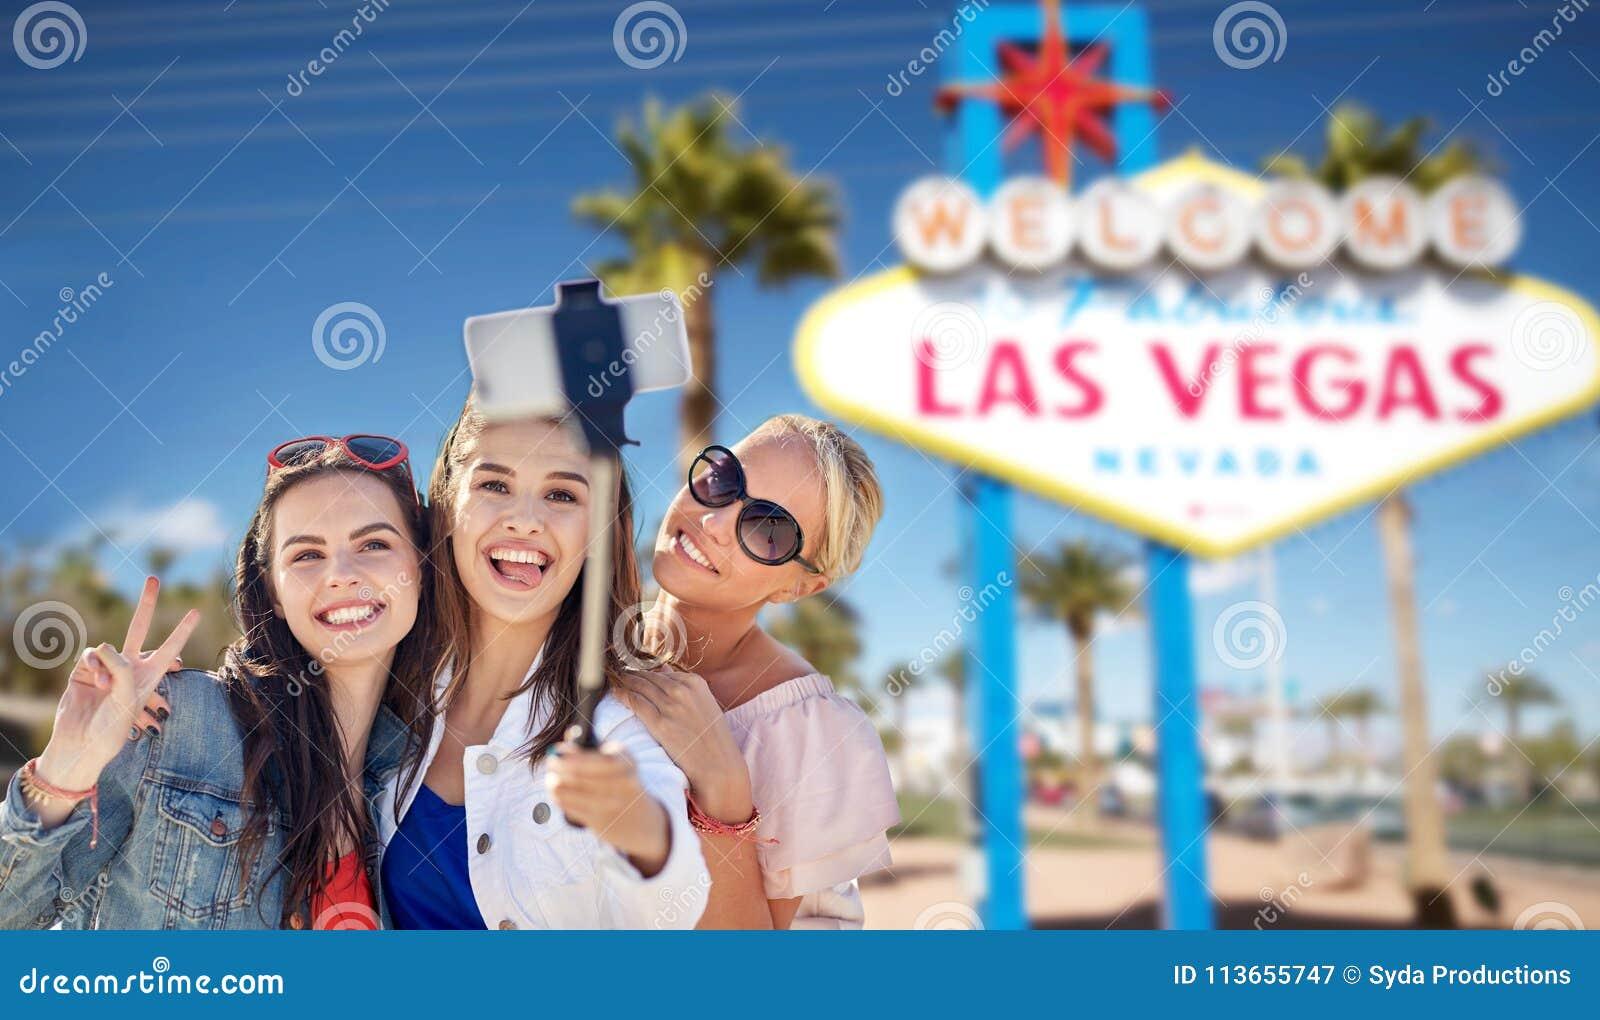 Grupp av lyckliga kvinnor eller vänner på Las Vegas